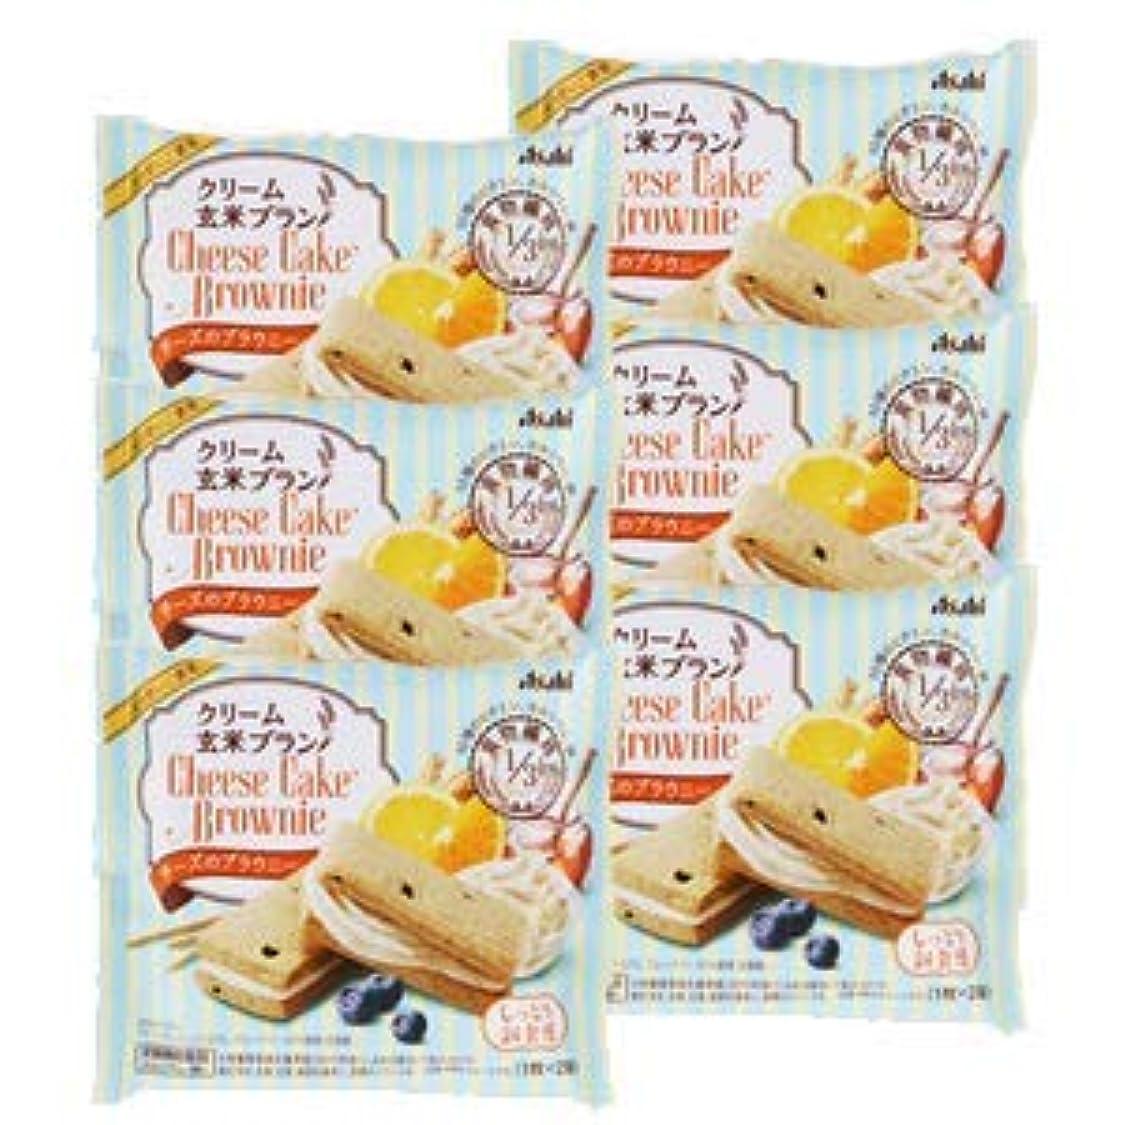 アサヒ バランスアップ クリーム玄米ブラン チーズのブラウニー 6個セット